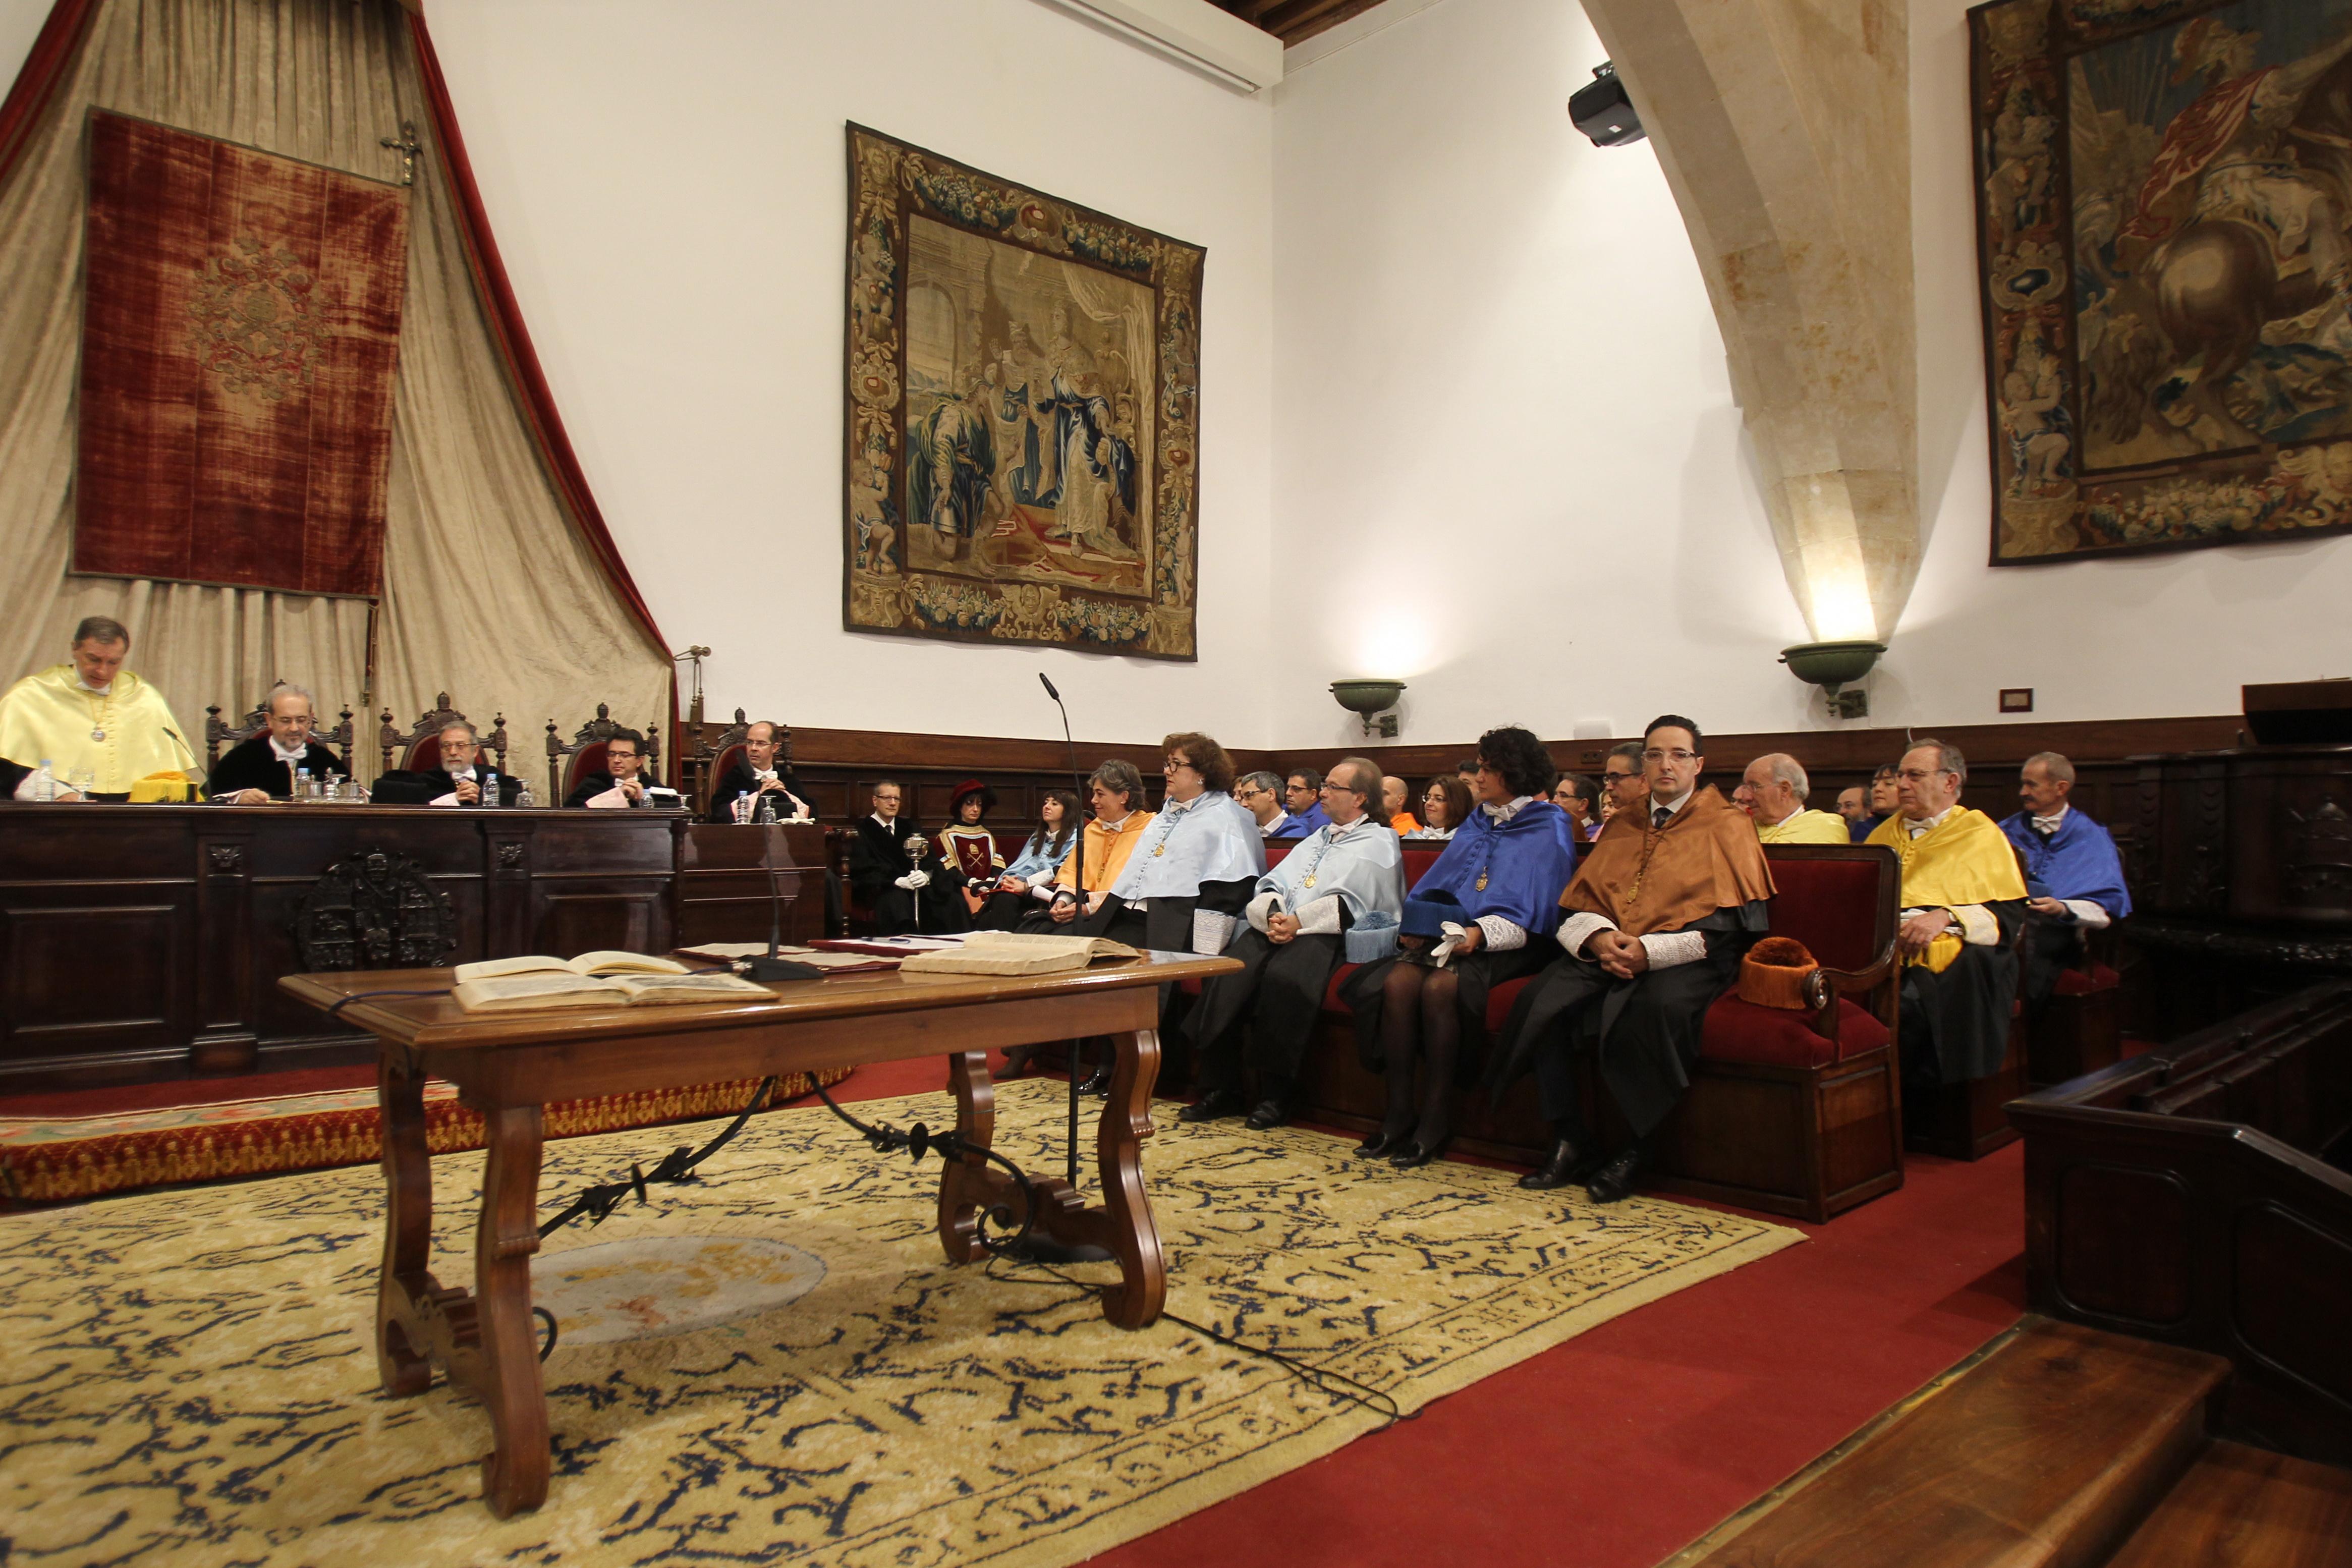 El catedrático Daniel Hernández Ruipérez toma posesión como Rector de la Universidad de Salamanca en su segundo mandato